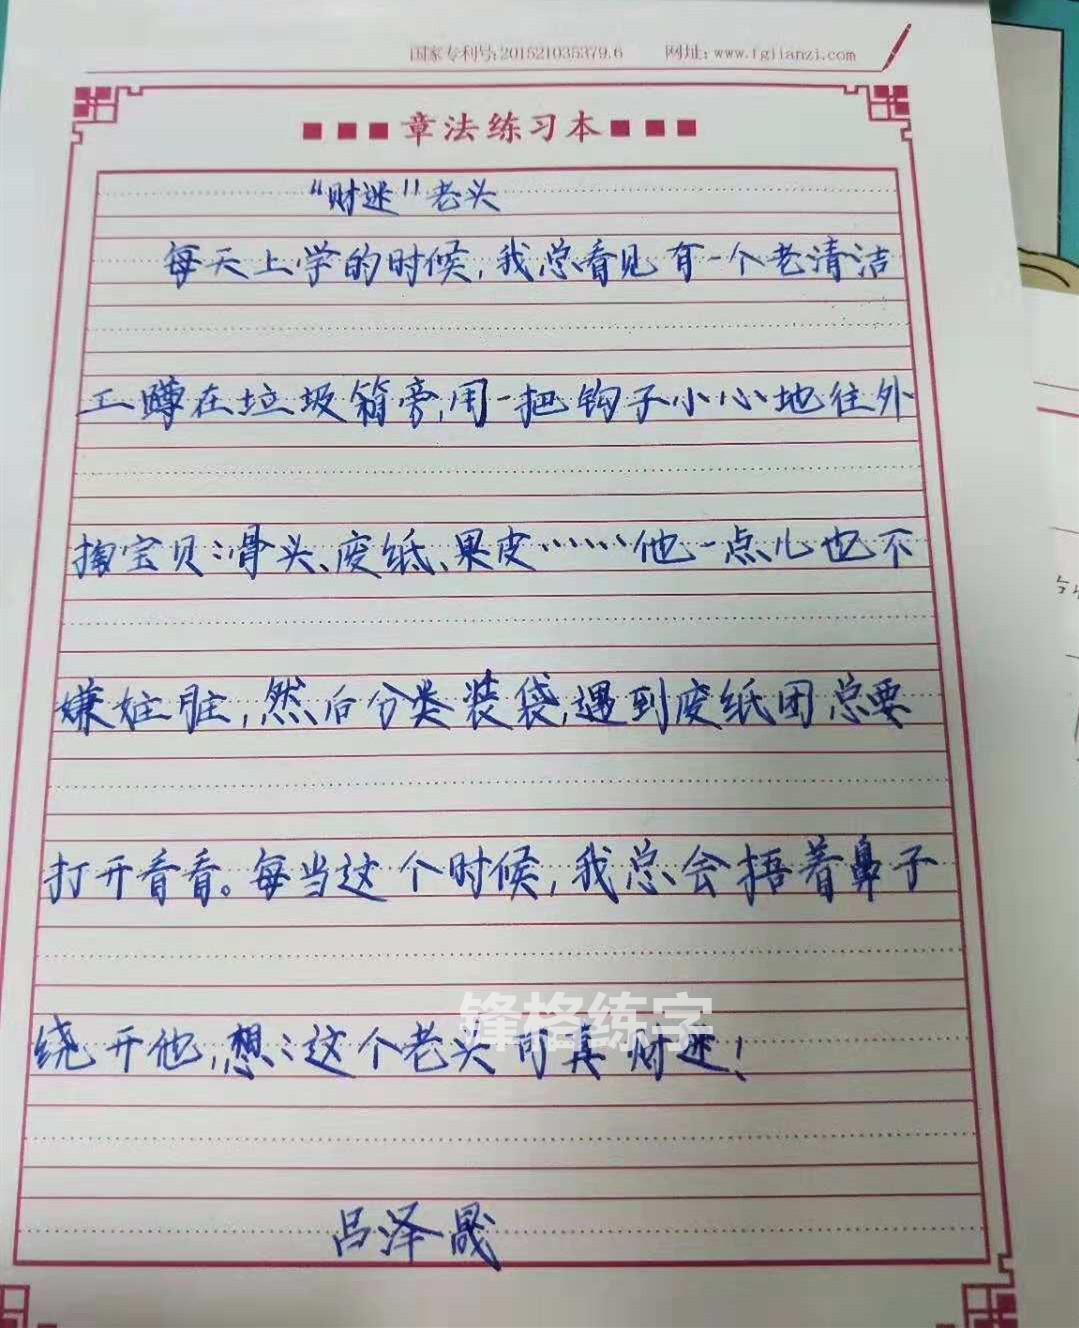 锋格五天练字培训班吕泽晟小朋友练字作品欣赏